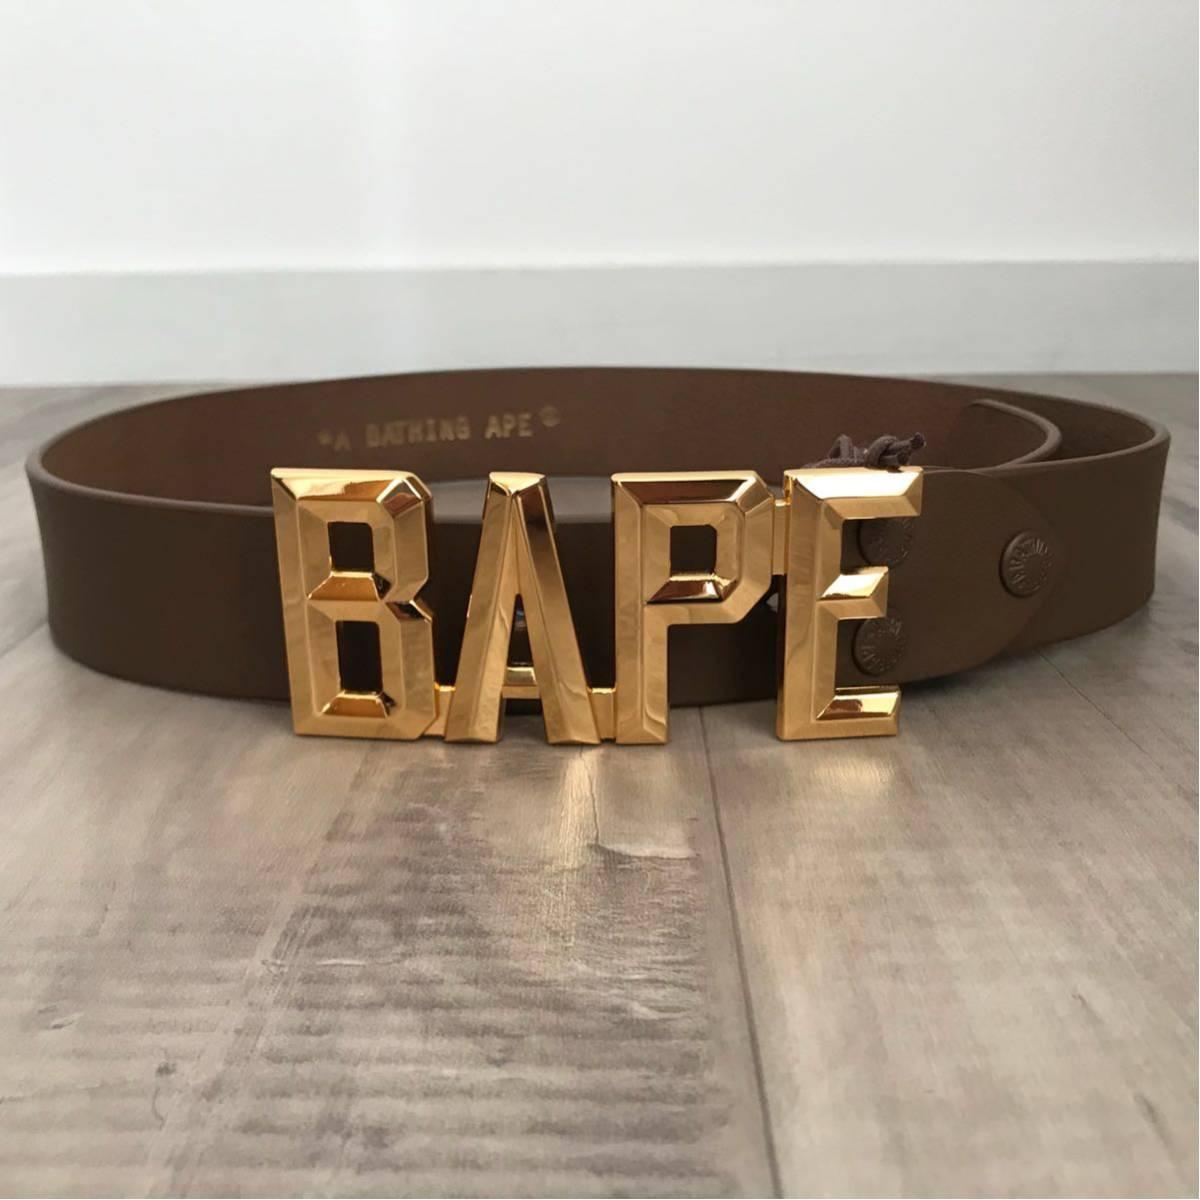 ★新品★ ゴールドバックル レザー ベルト a bathing ape bape エイプ ベイプ アベイシングエイプ nigo belt gold